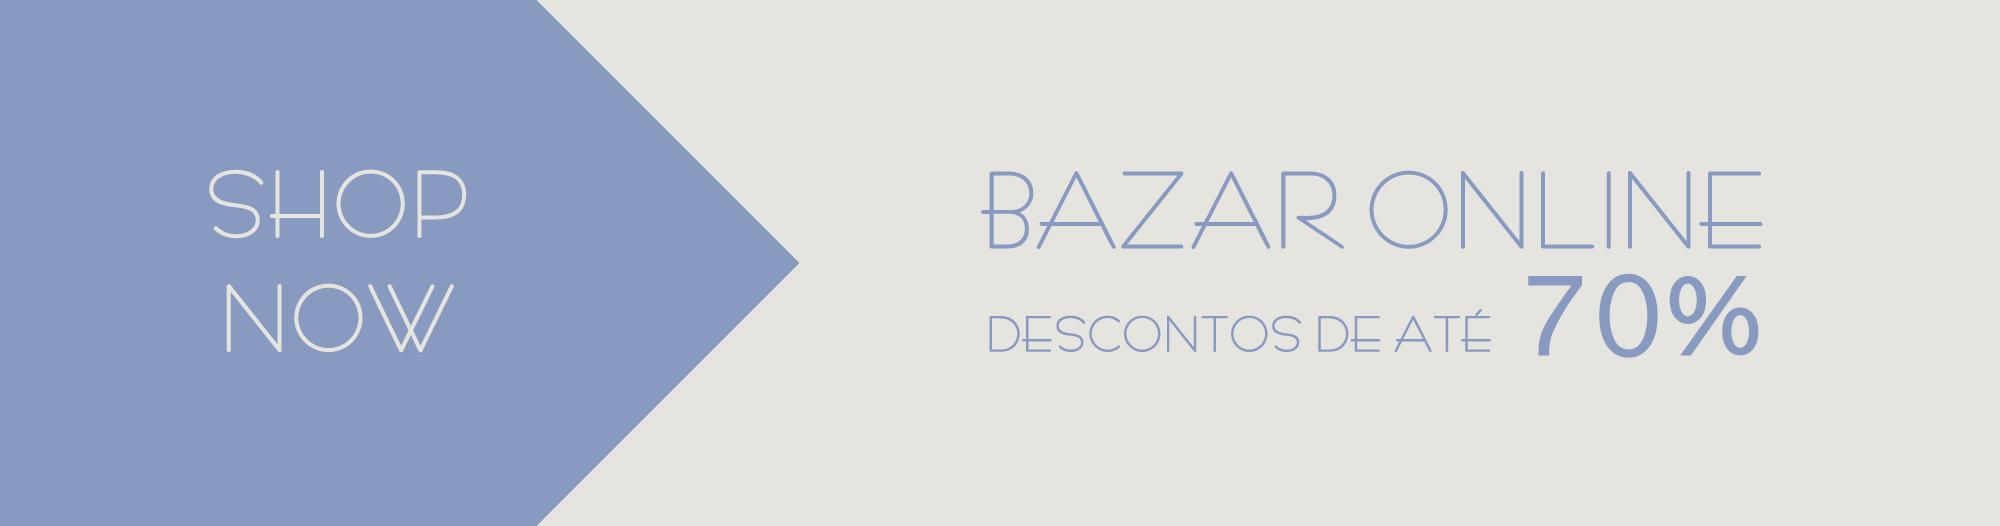 Banner Bazar